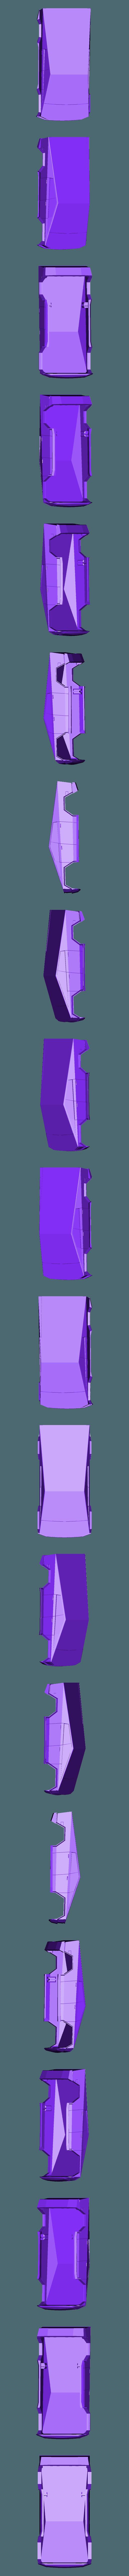 Cybertruck_Mini_Body_Supportless.stl Télécharger fichier STL gratuit Cybertruck (kit carrosserie + châssis imprimable) • Plan pour impression 3D, Superbeasti